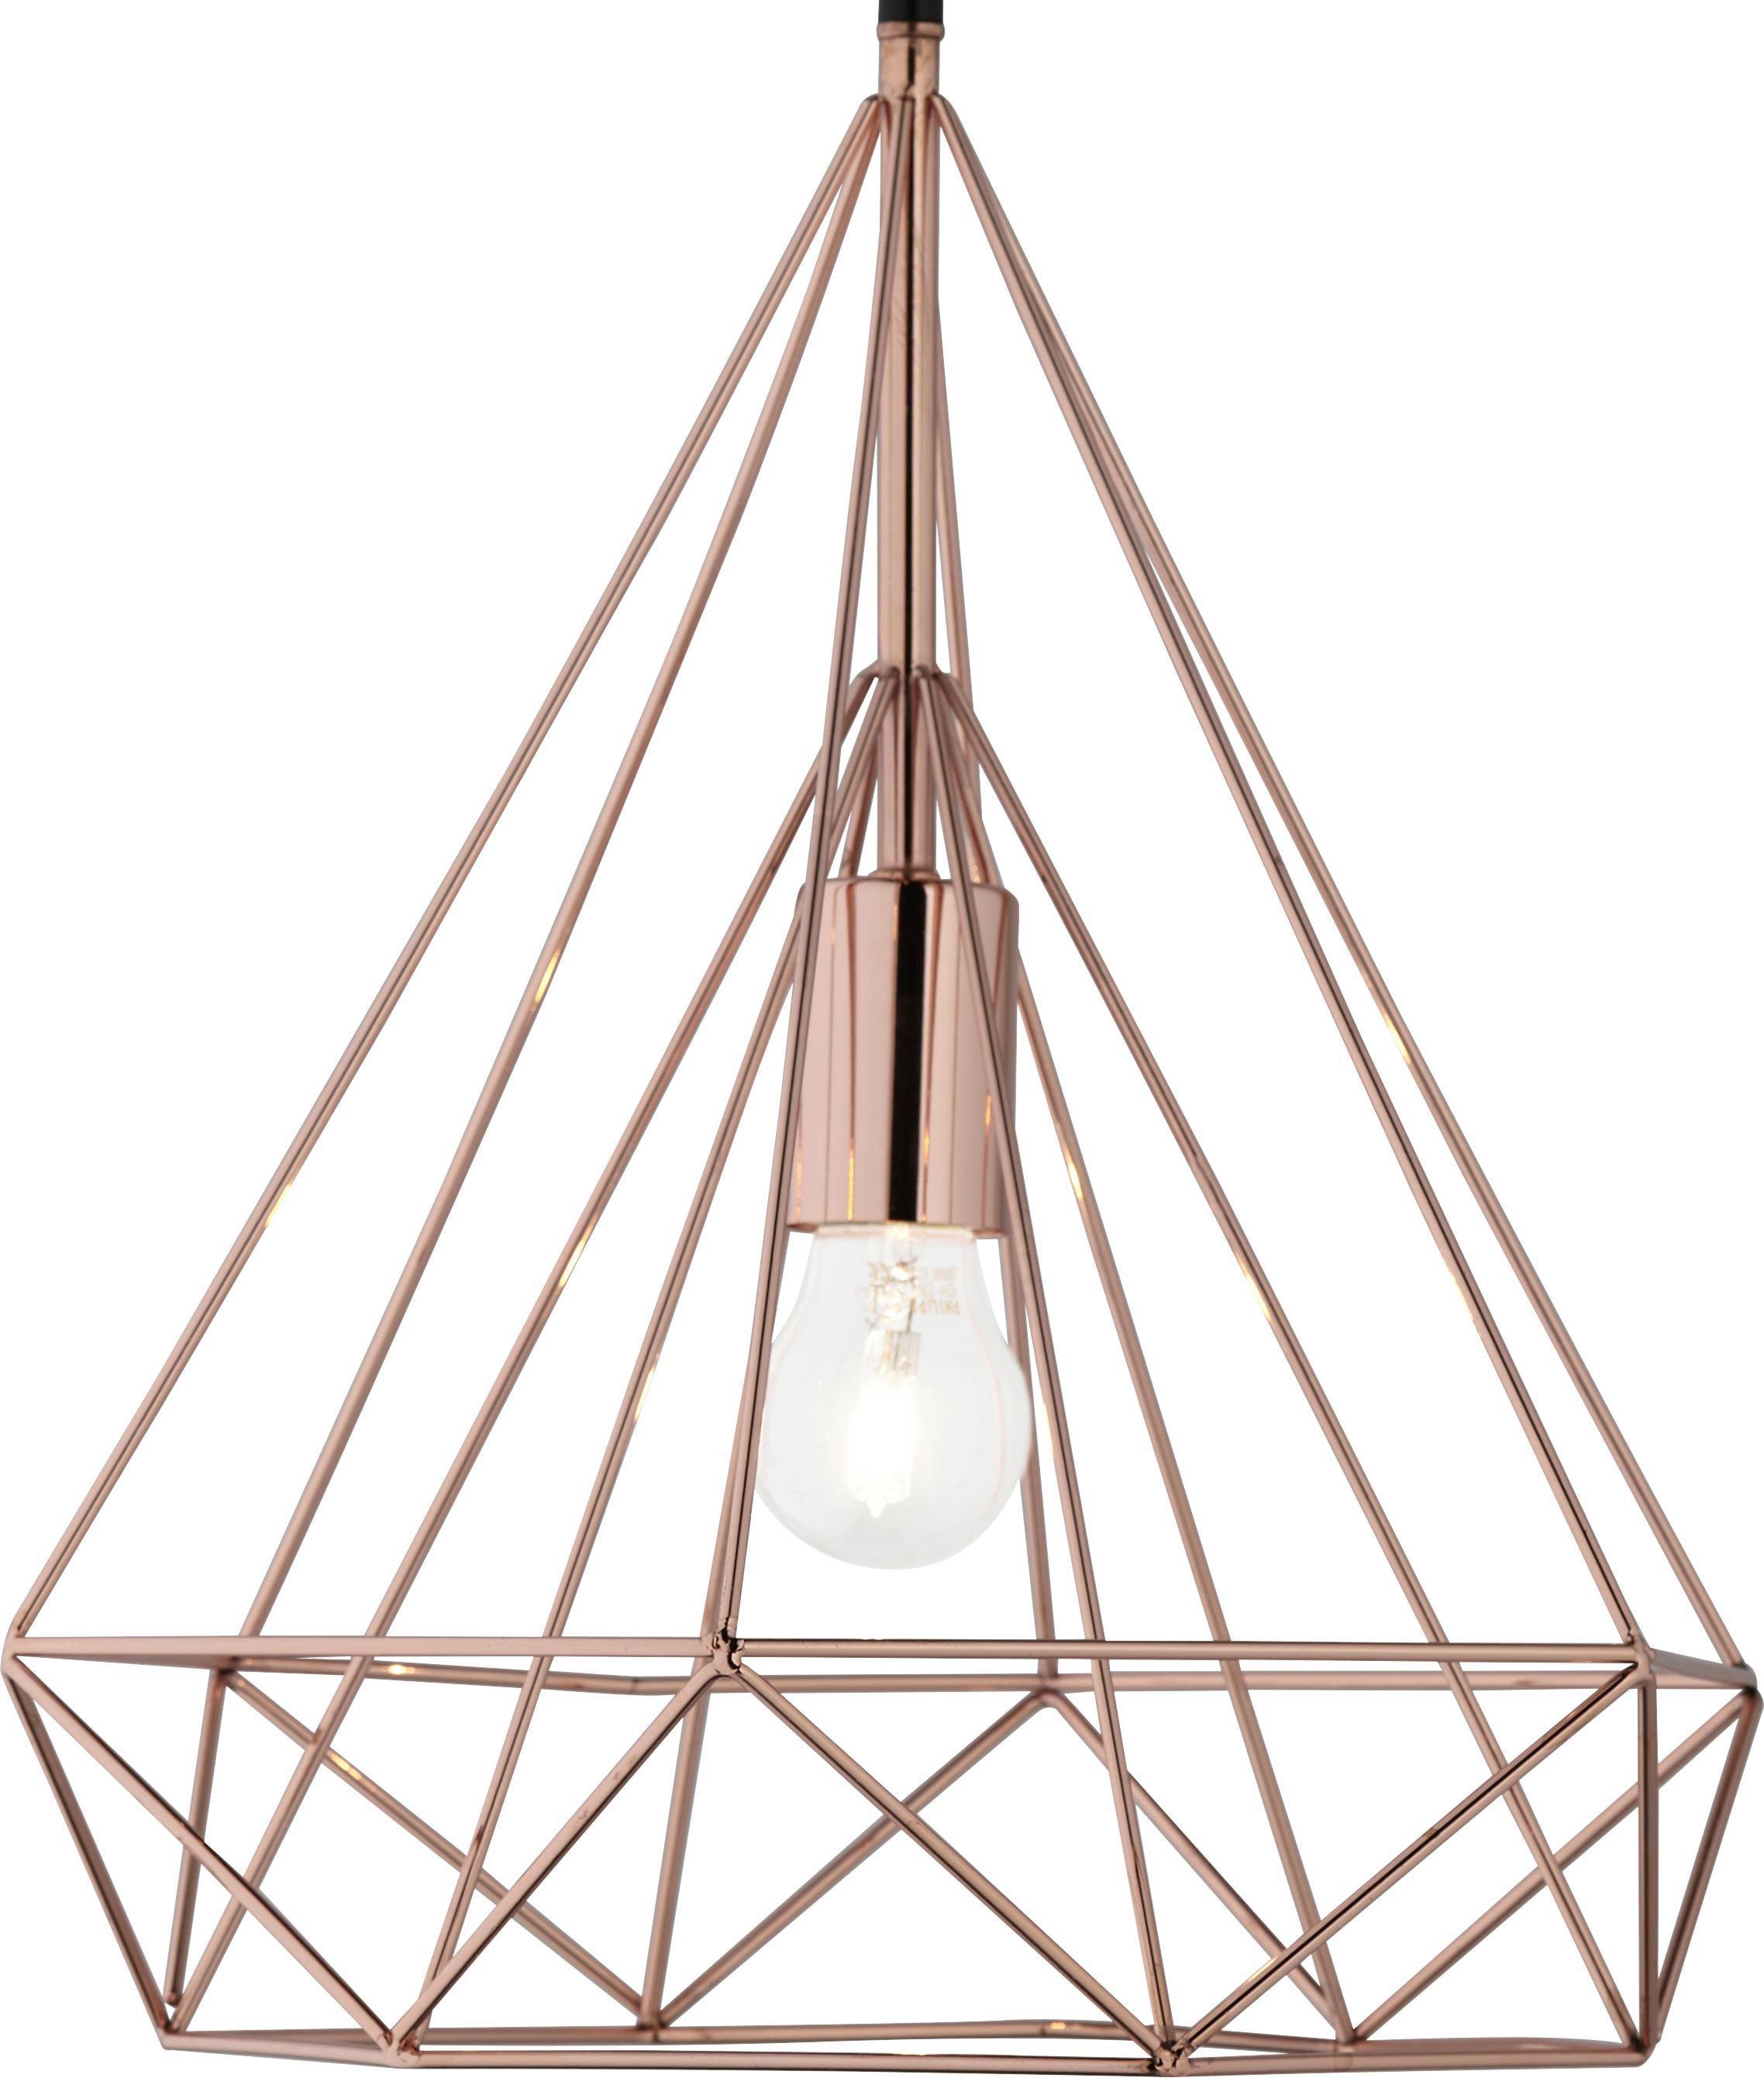 Hängeleuchte Yvonne - Goldfarben, MODERN, Kunststoff/Metall (36/36/150cm) - MÖMAX modern living